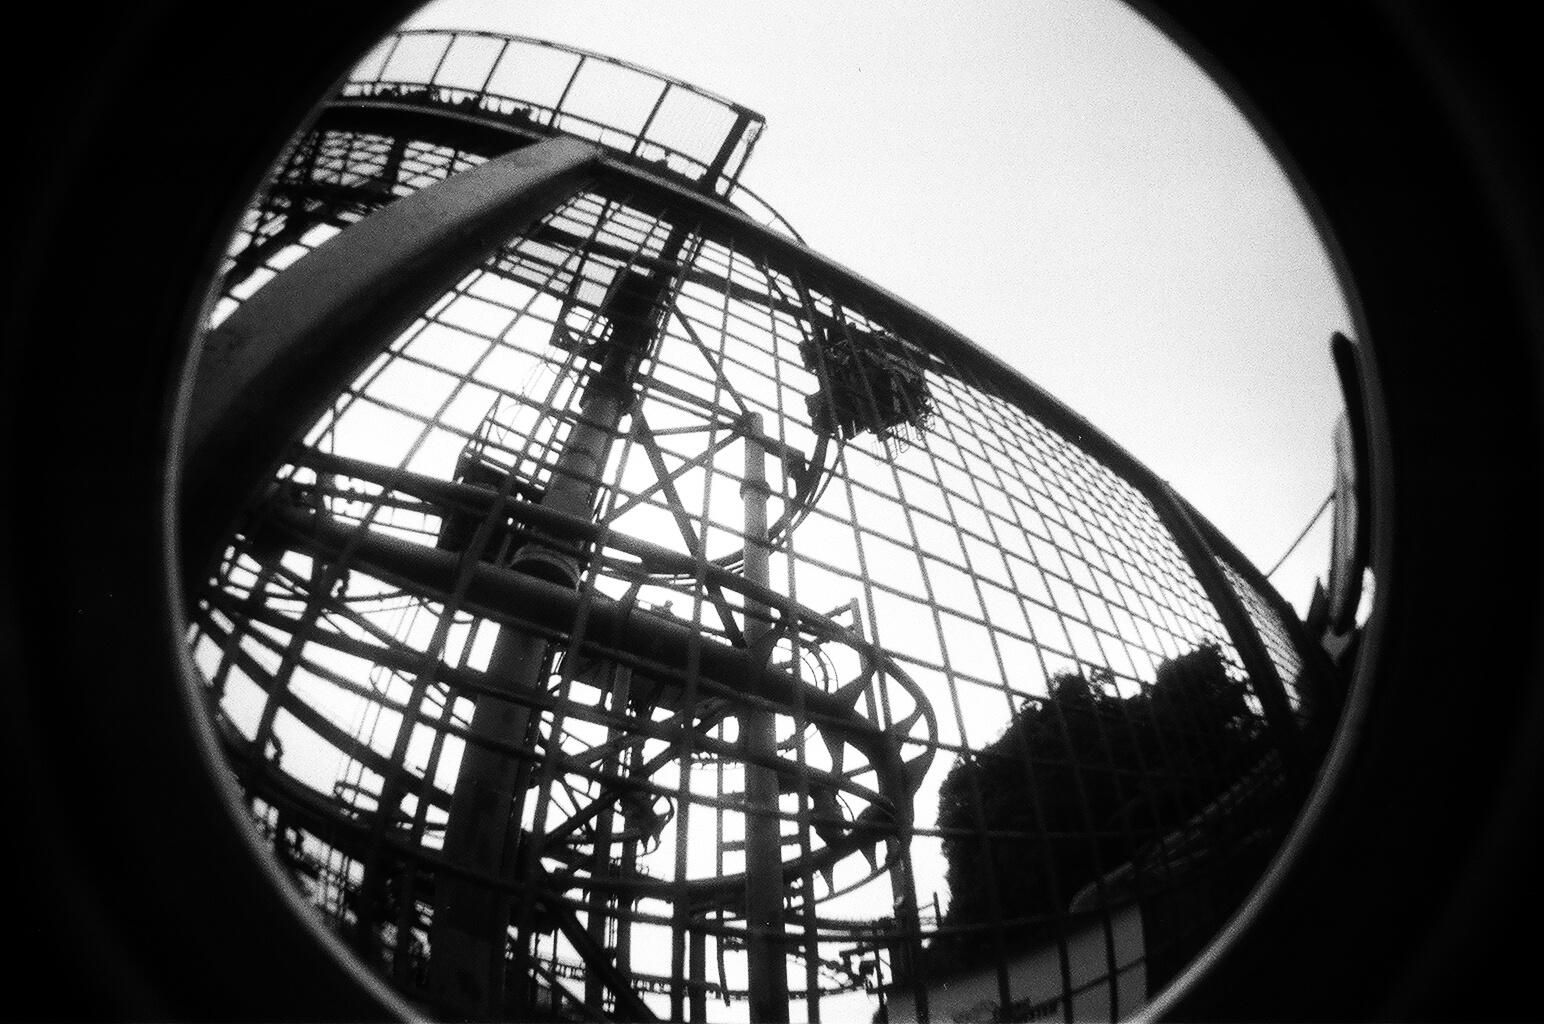 Fantastisch Raumrahmenanschlussdetail Fotos - Rahmen Ideen ...